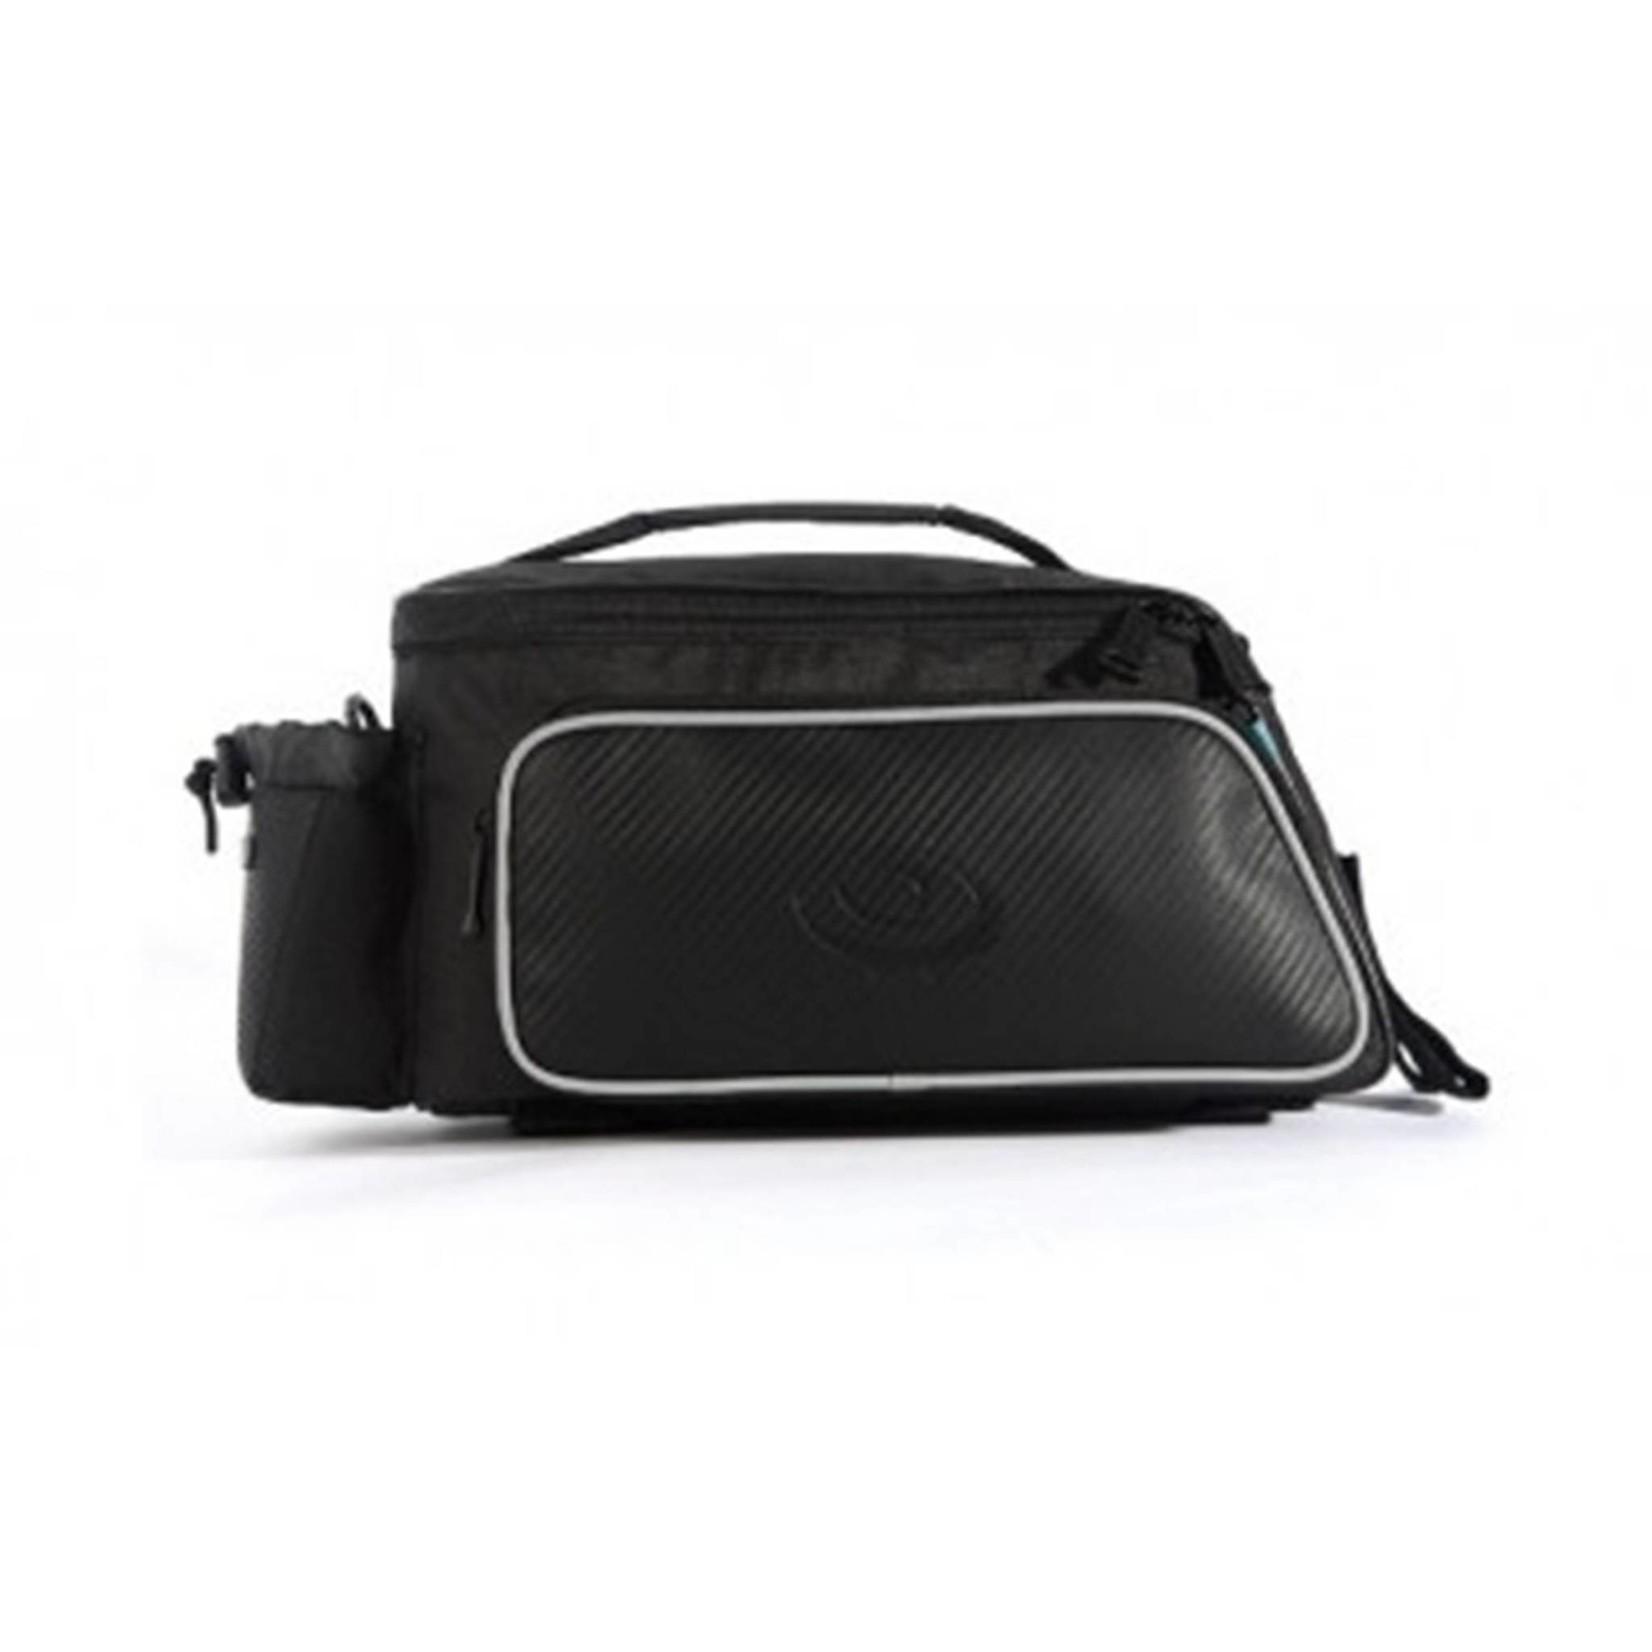 Roswheel 10L Trunk Bag